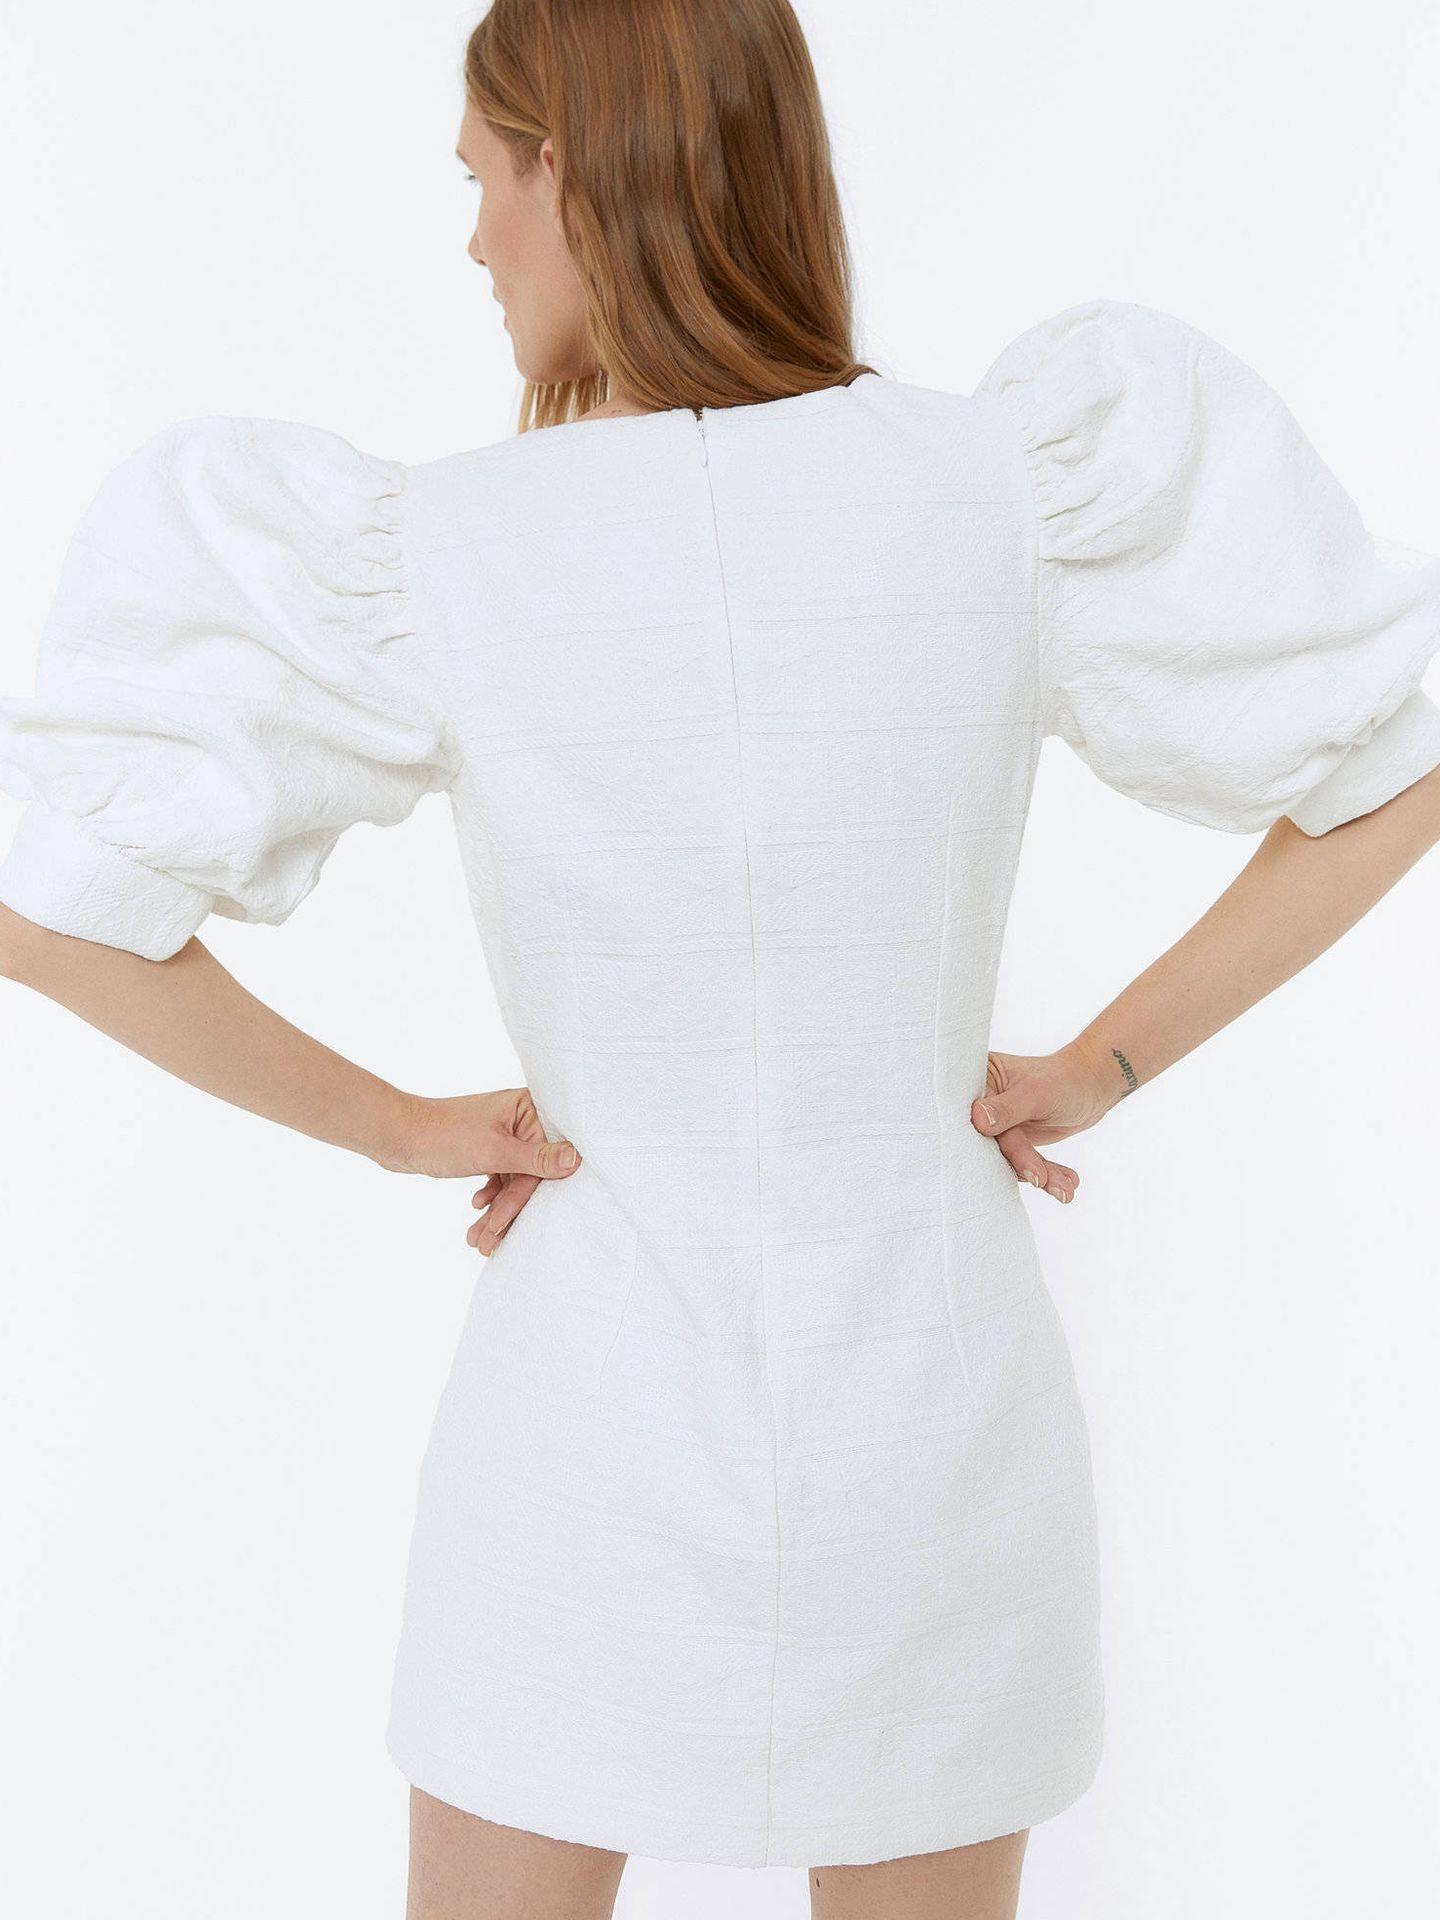 Vestido de Uterqüe para novias de verano. (Cortesía)